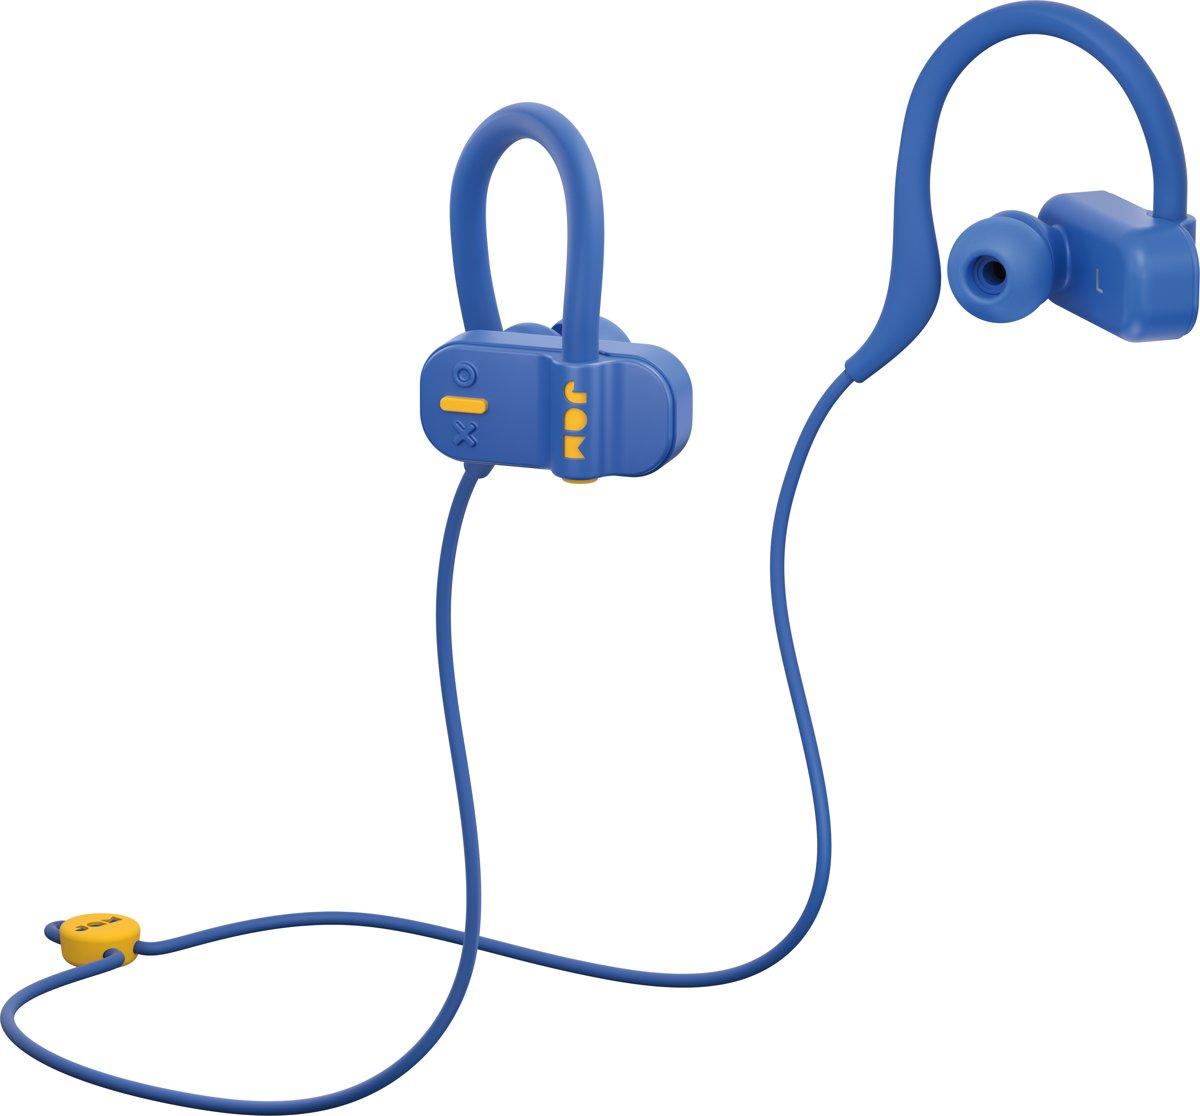 JAM Live Fast - Bluetooth oordopjes - bluetooth oordopjes draadloos - bluetooth oordopjes sport - blauw